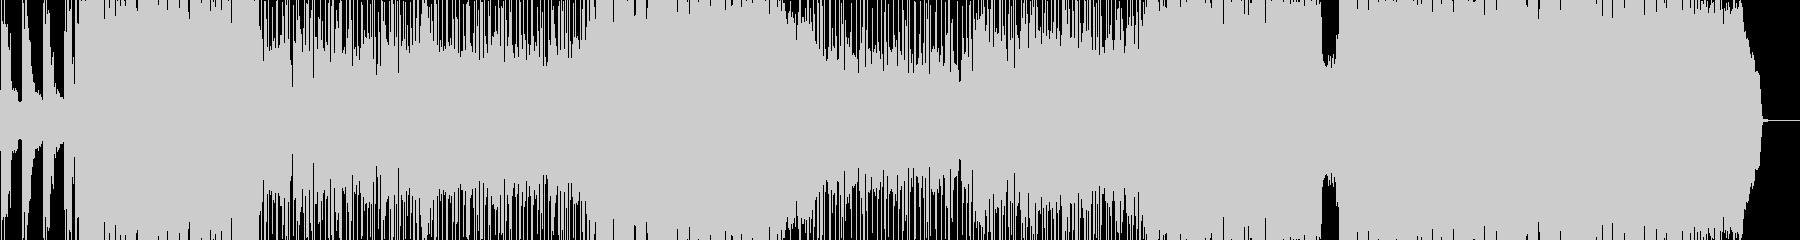 Guitarメインのシンセが際立つBGMの未再生の波形